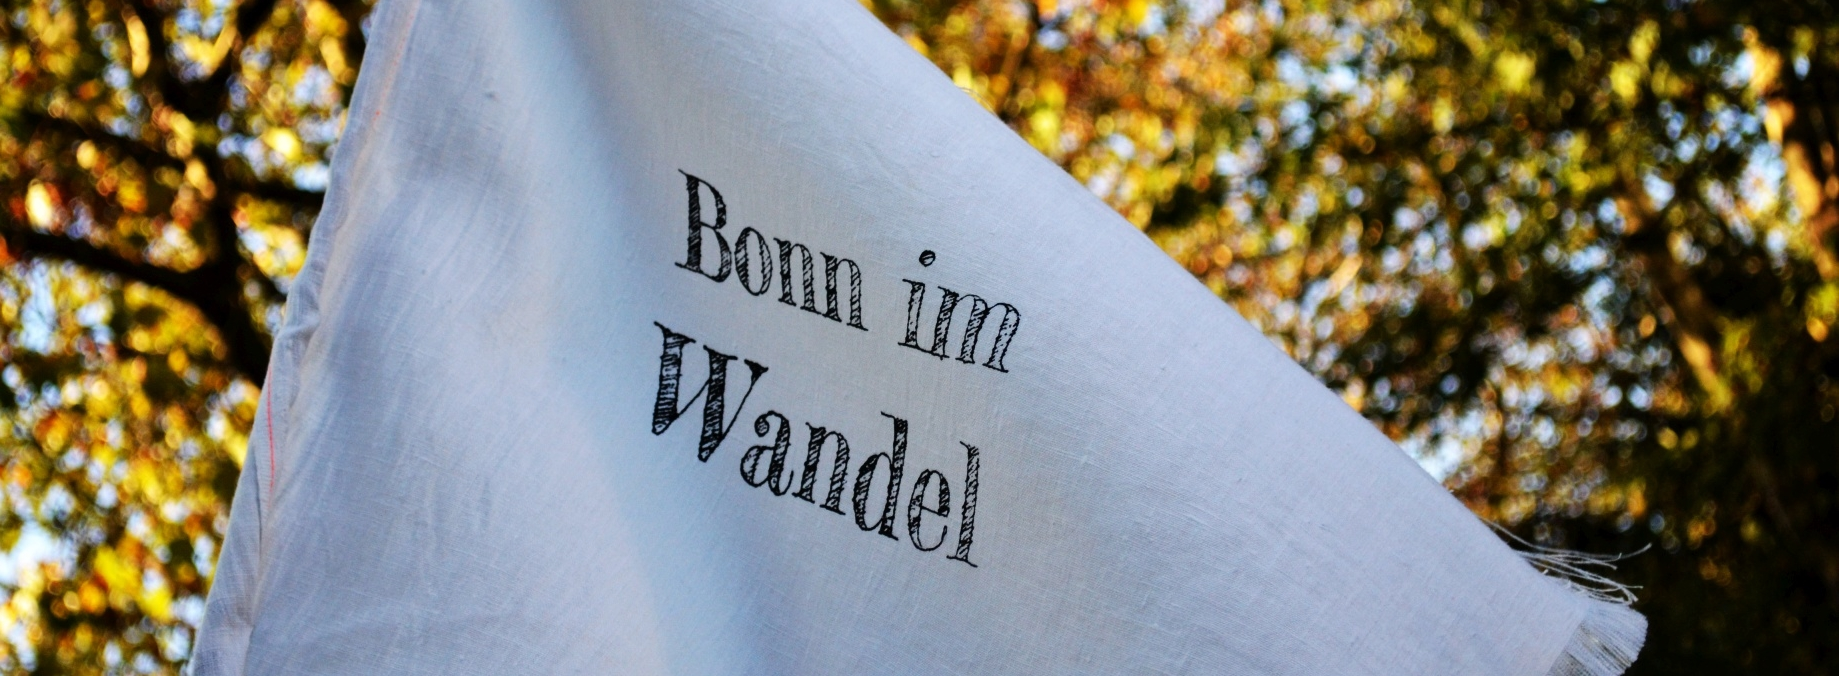 Bonn im Wandel Fahne im Wind